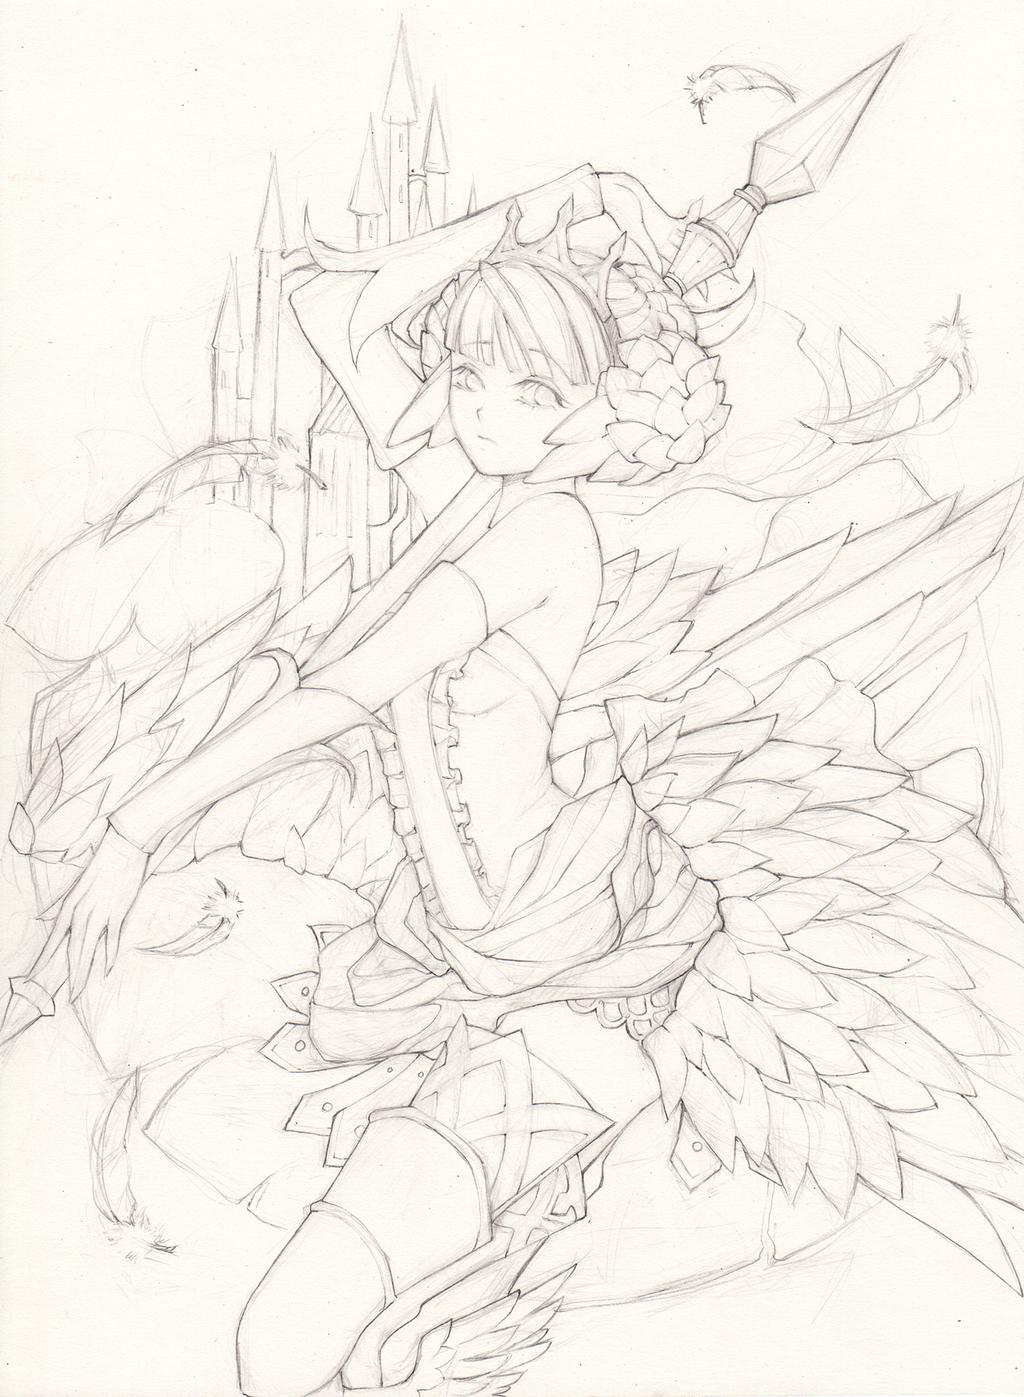 Odin Sphere_Gwendolyn (Line Art) by Princess--Ailish